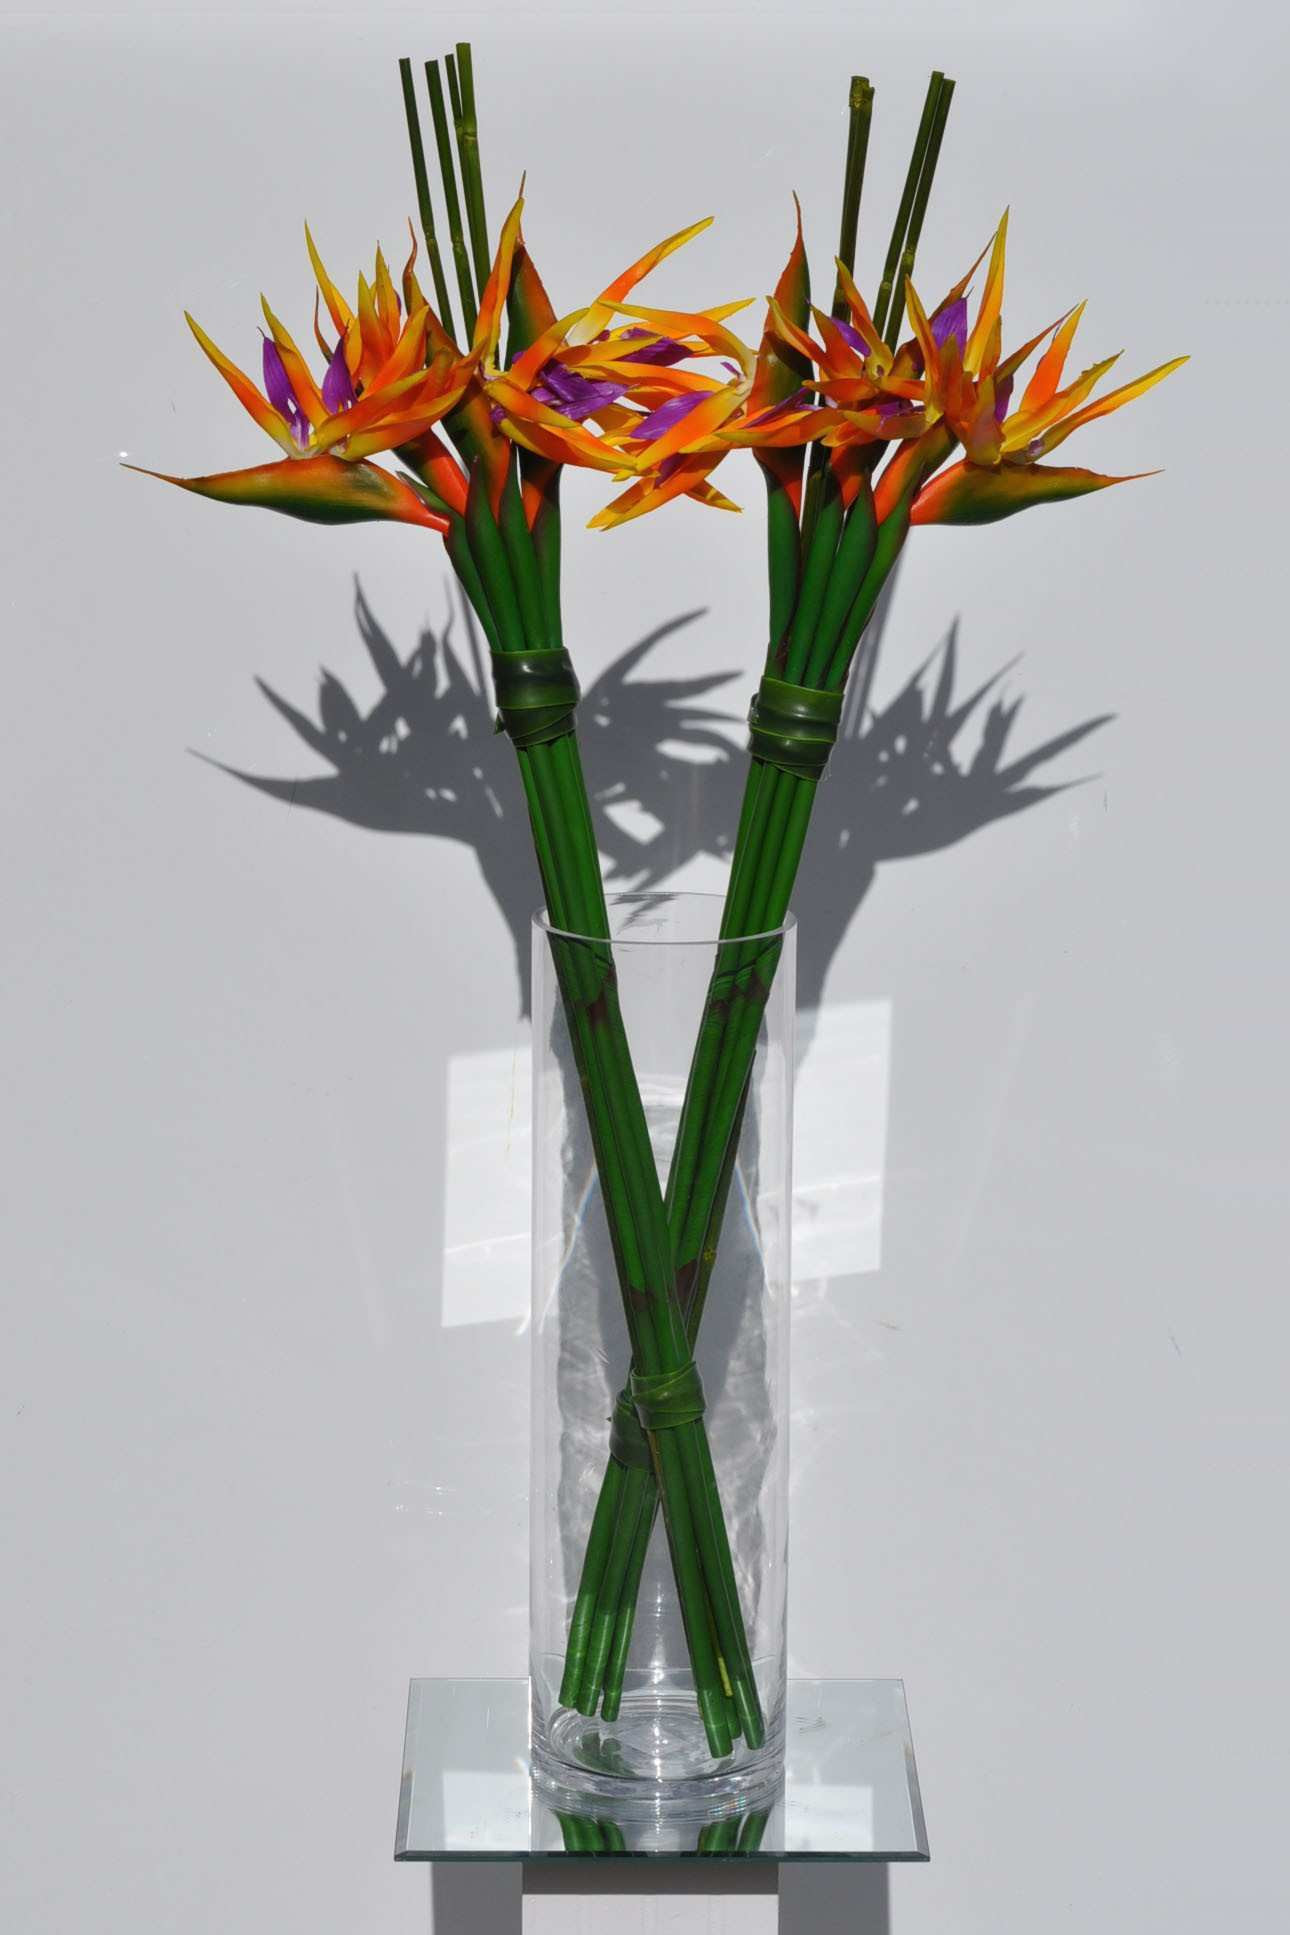 orchid vase arrangement of orchid vase arrangement new h vases for flower arrangements i 0d dry pertaining to orchid vase arrangement new h vases for flower arrangements i 0d dry design ideas fake orchid